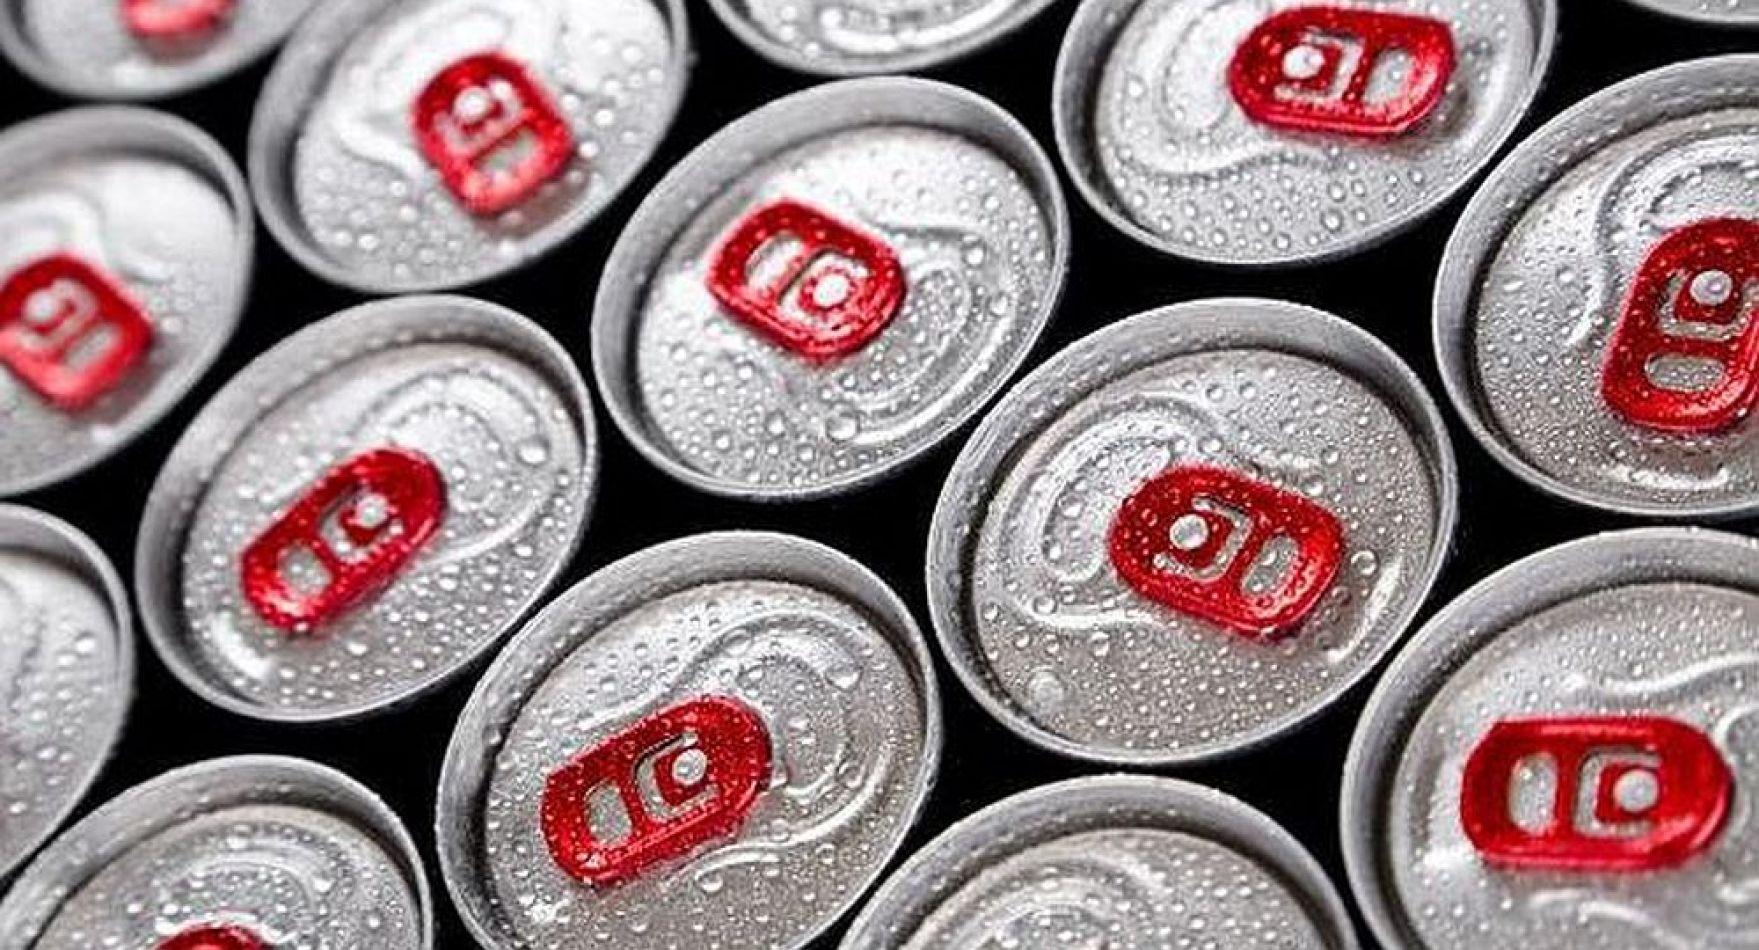 Londres busca prohibir venta de bebidas energéticas a niños y adolescentes